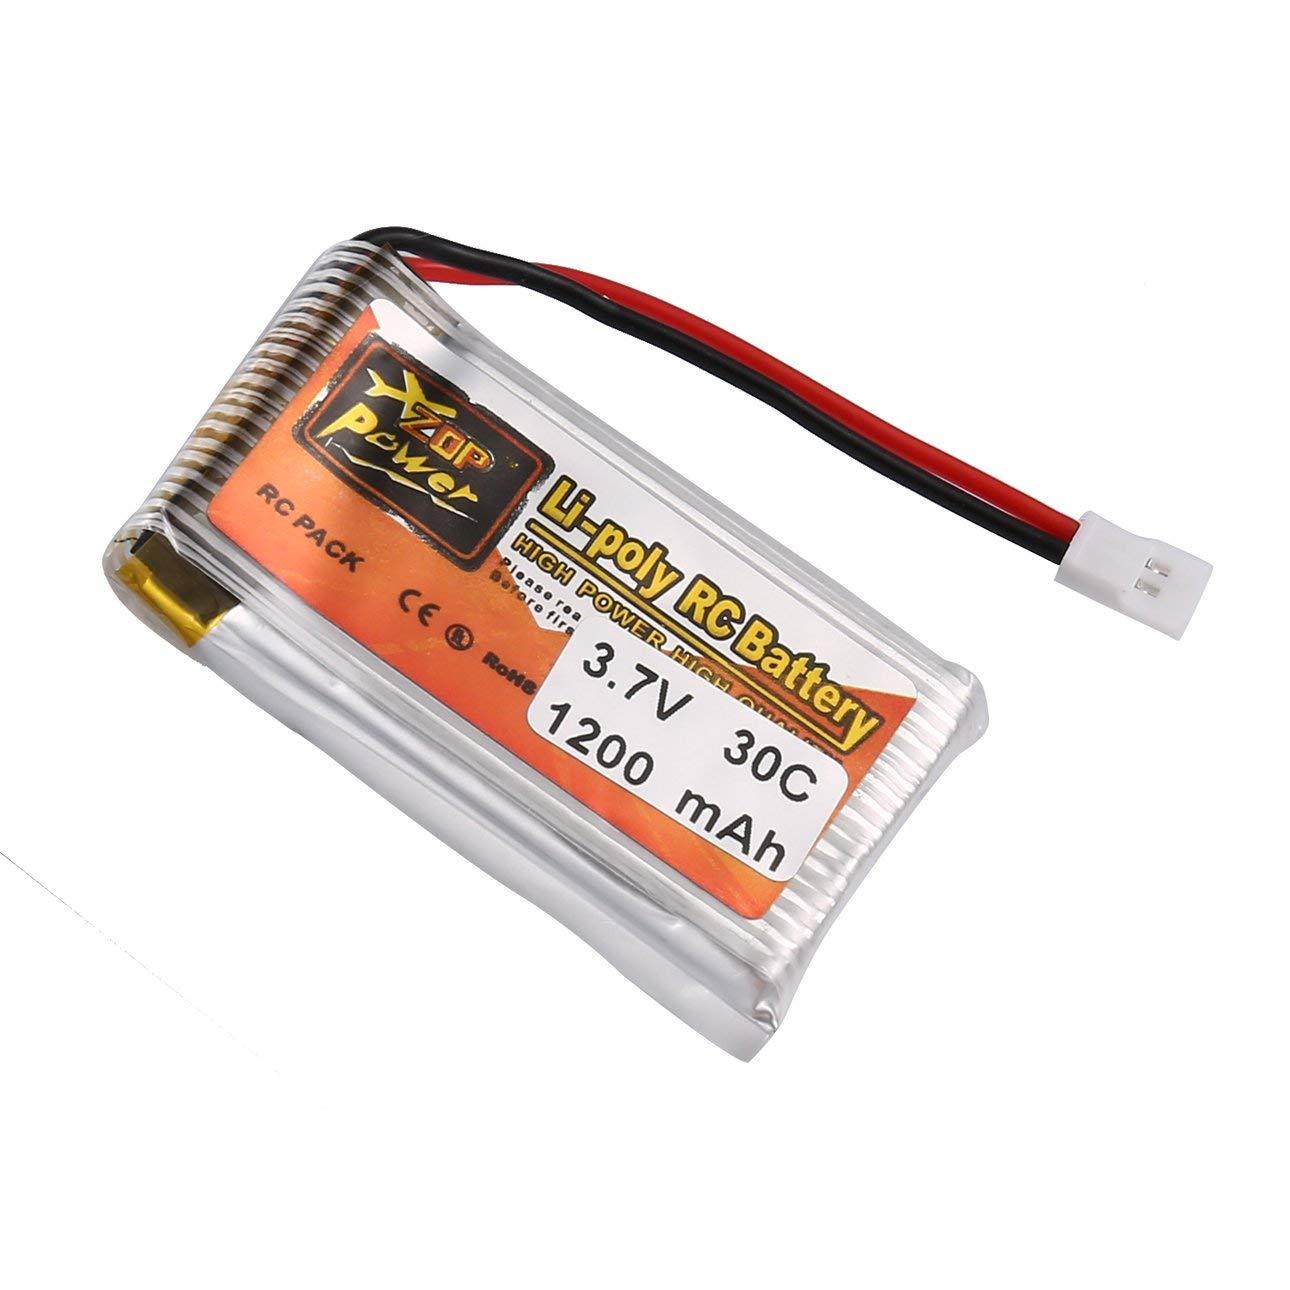 Ballylelly RC Lipo Battery 6 Piezas ZOP Power 3.7V 750mAh 30C 1S Lipo Bater/ía Recargable con 6 en 1 bater/ía USB Cargador para RC Racing Drone Helicopter Car